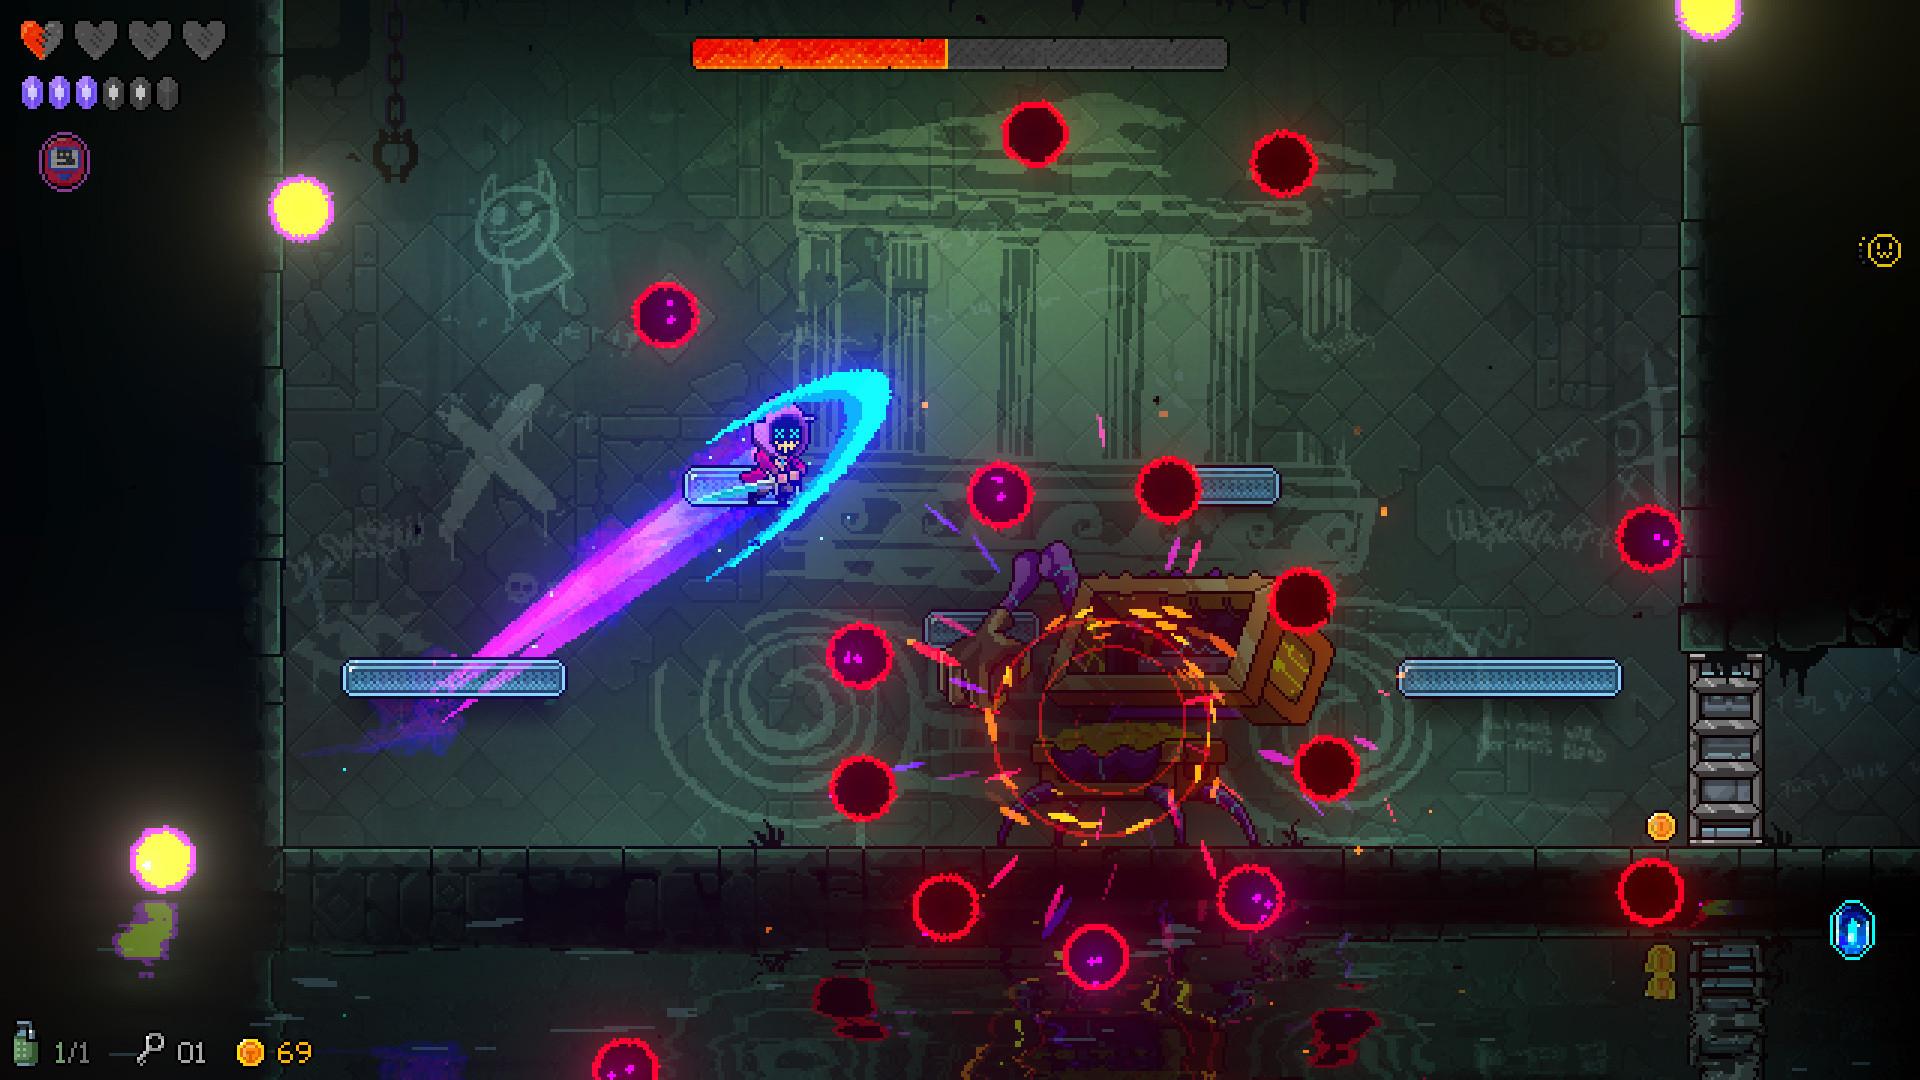 霓虹深渊 Neon Abyss 【v1.3.4.1rc4】插图8